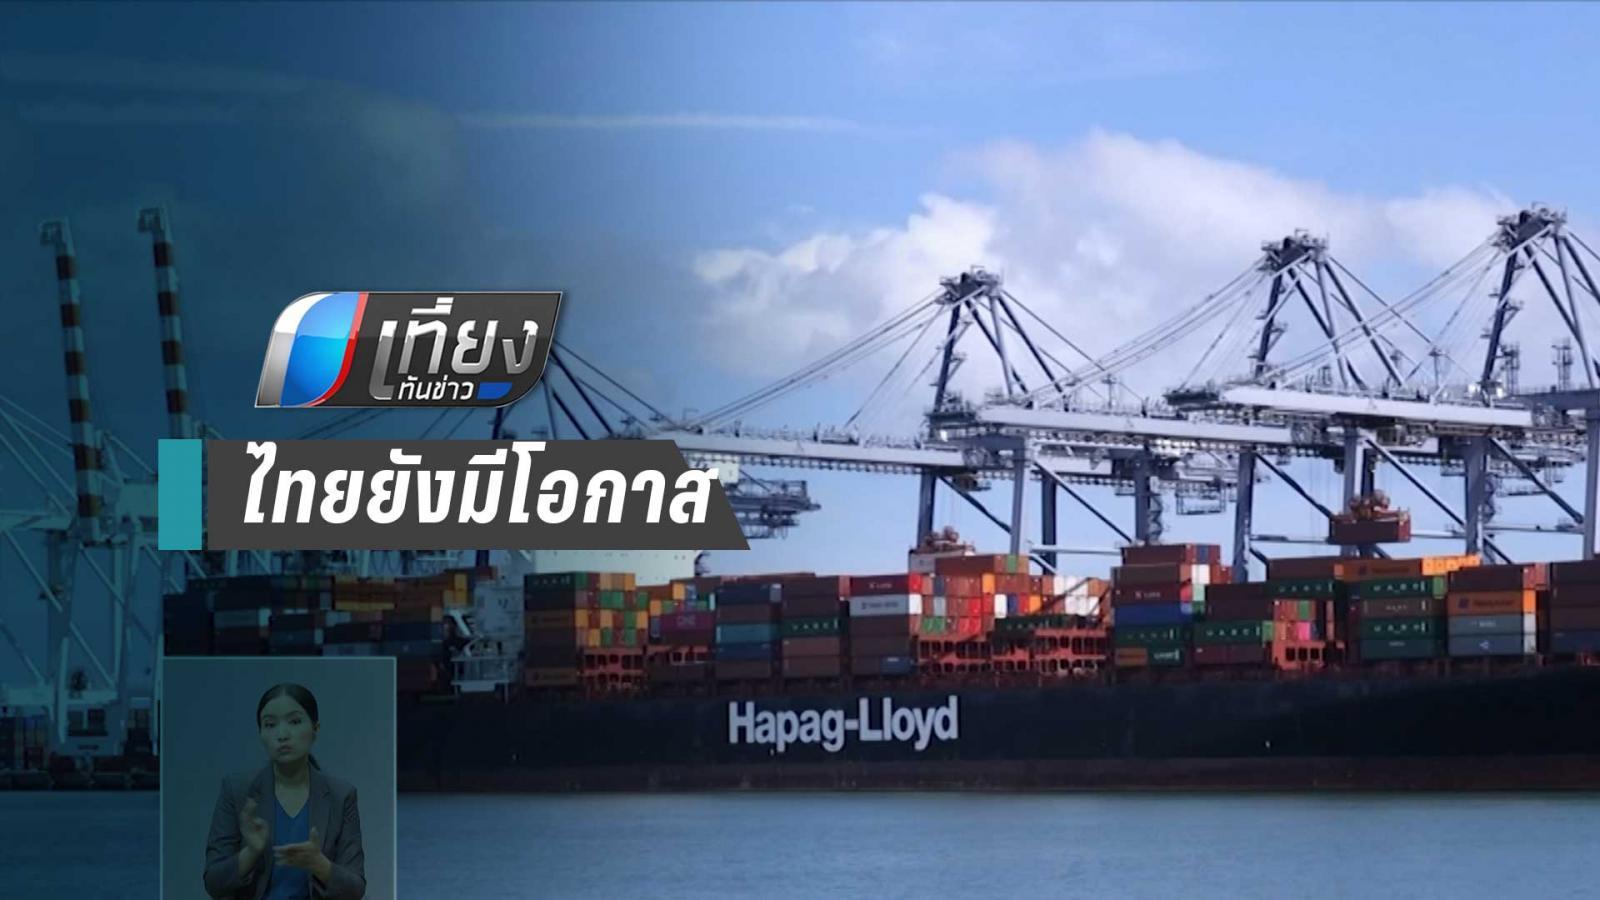 เอกชน ชี้ไทยยังมีโอกาสทางธุรกิจท่ามกลางสงครามการค้า